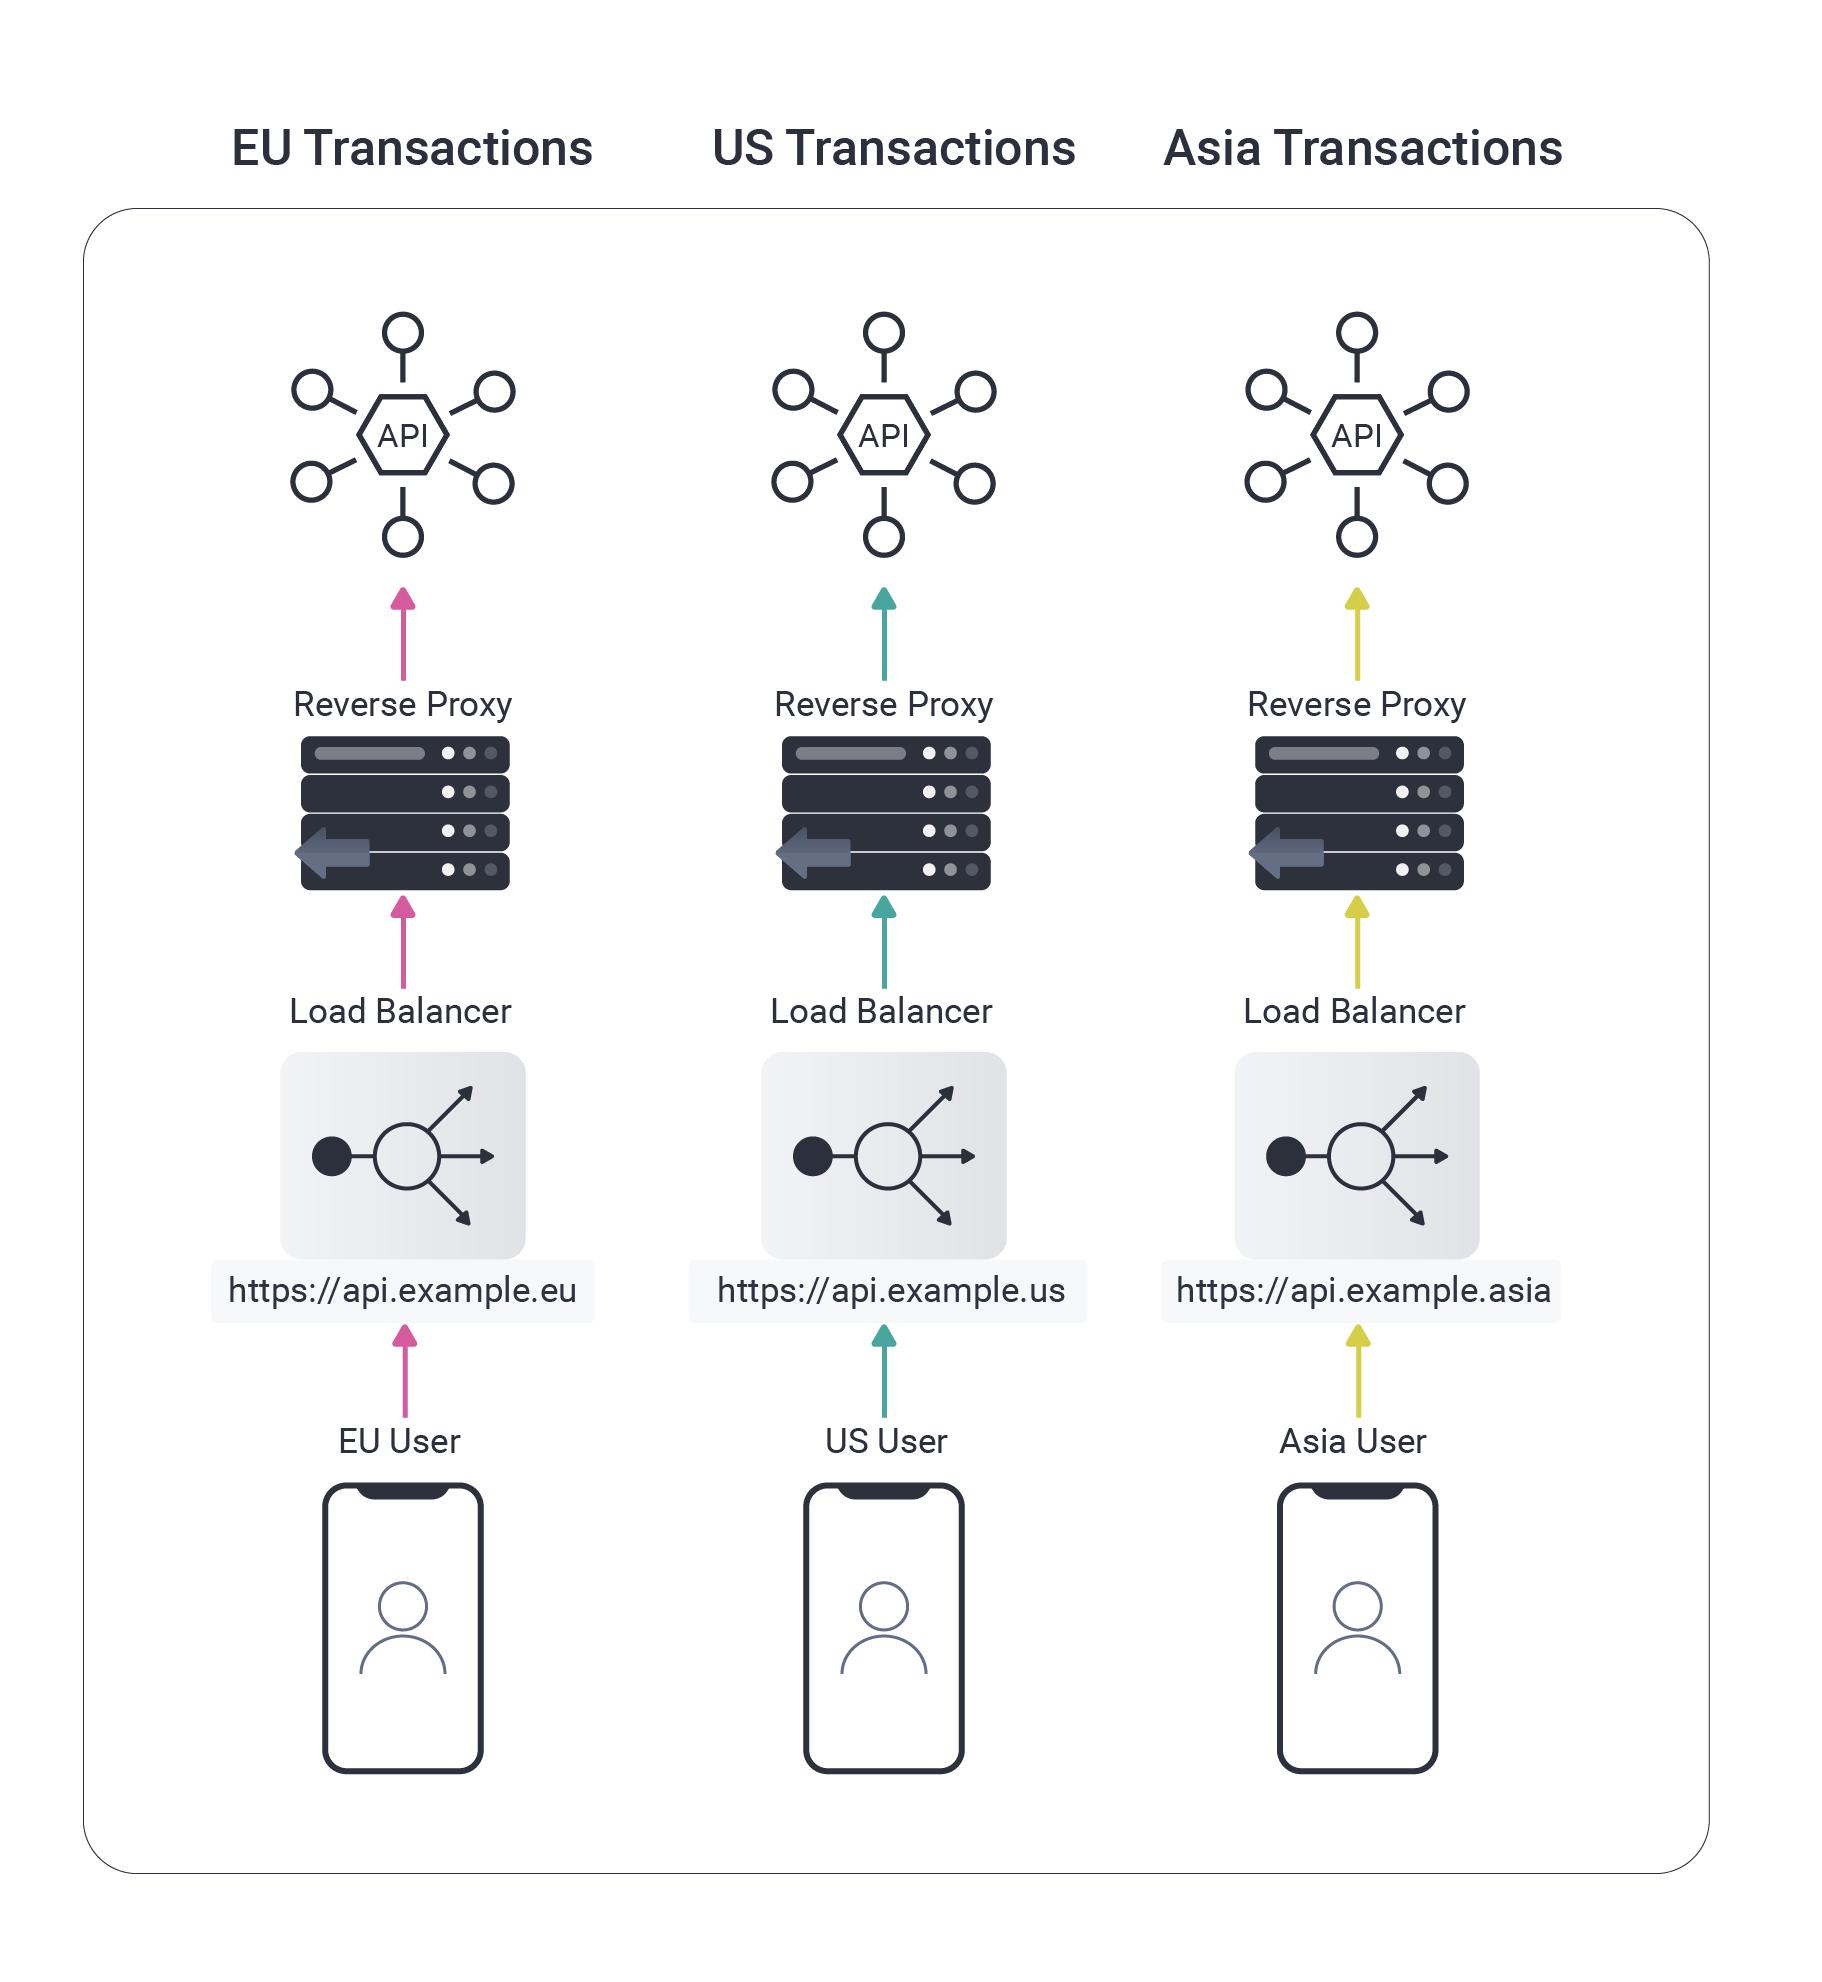 APIs in Multiple Regions_1